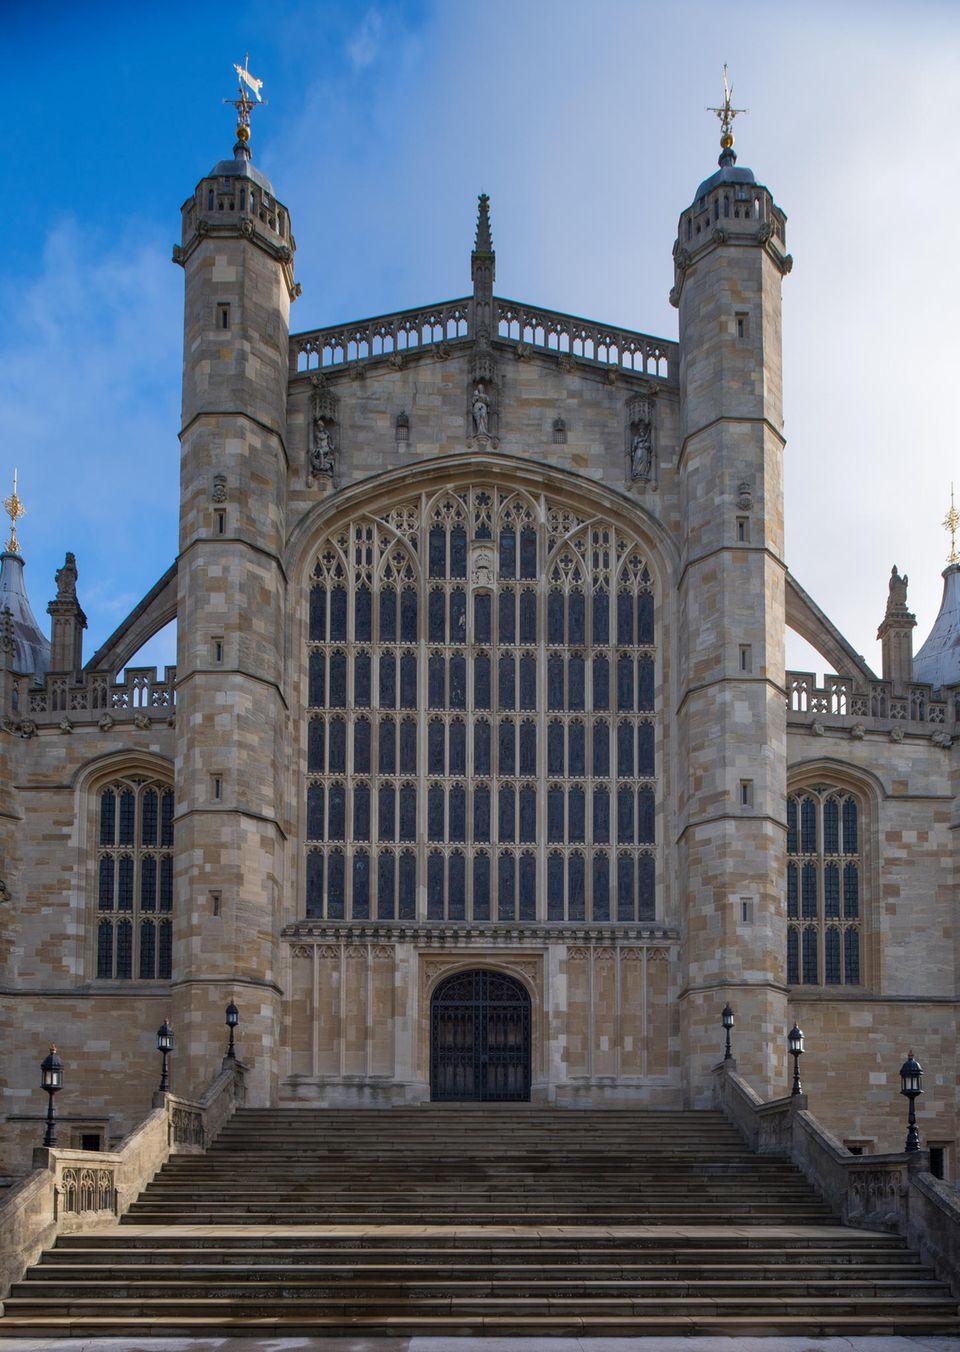 So sieht die St. George's Chapel aus, wenn kein Royal-Ereignis stattfindet.